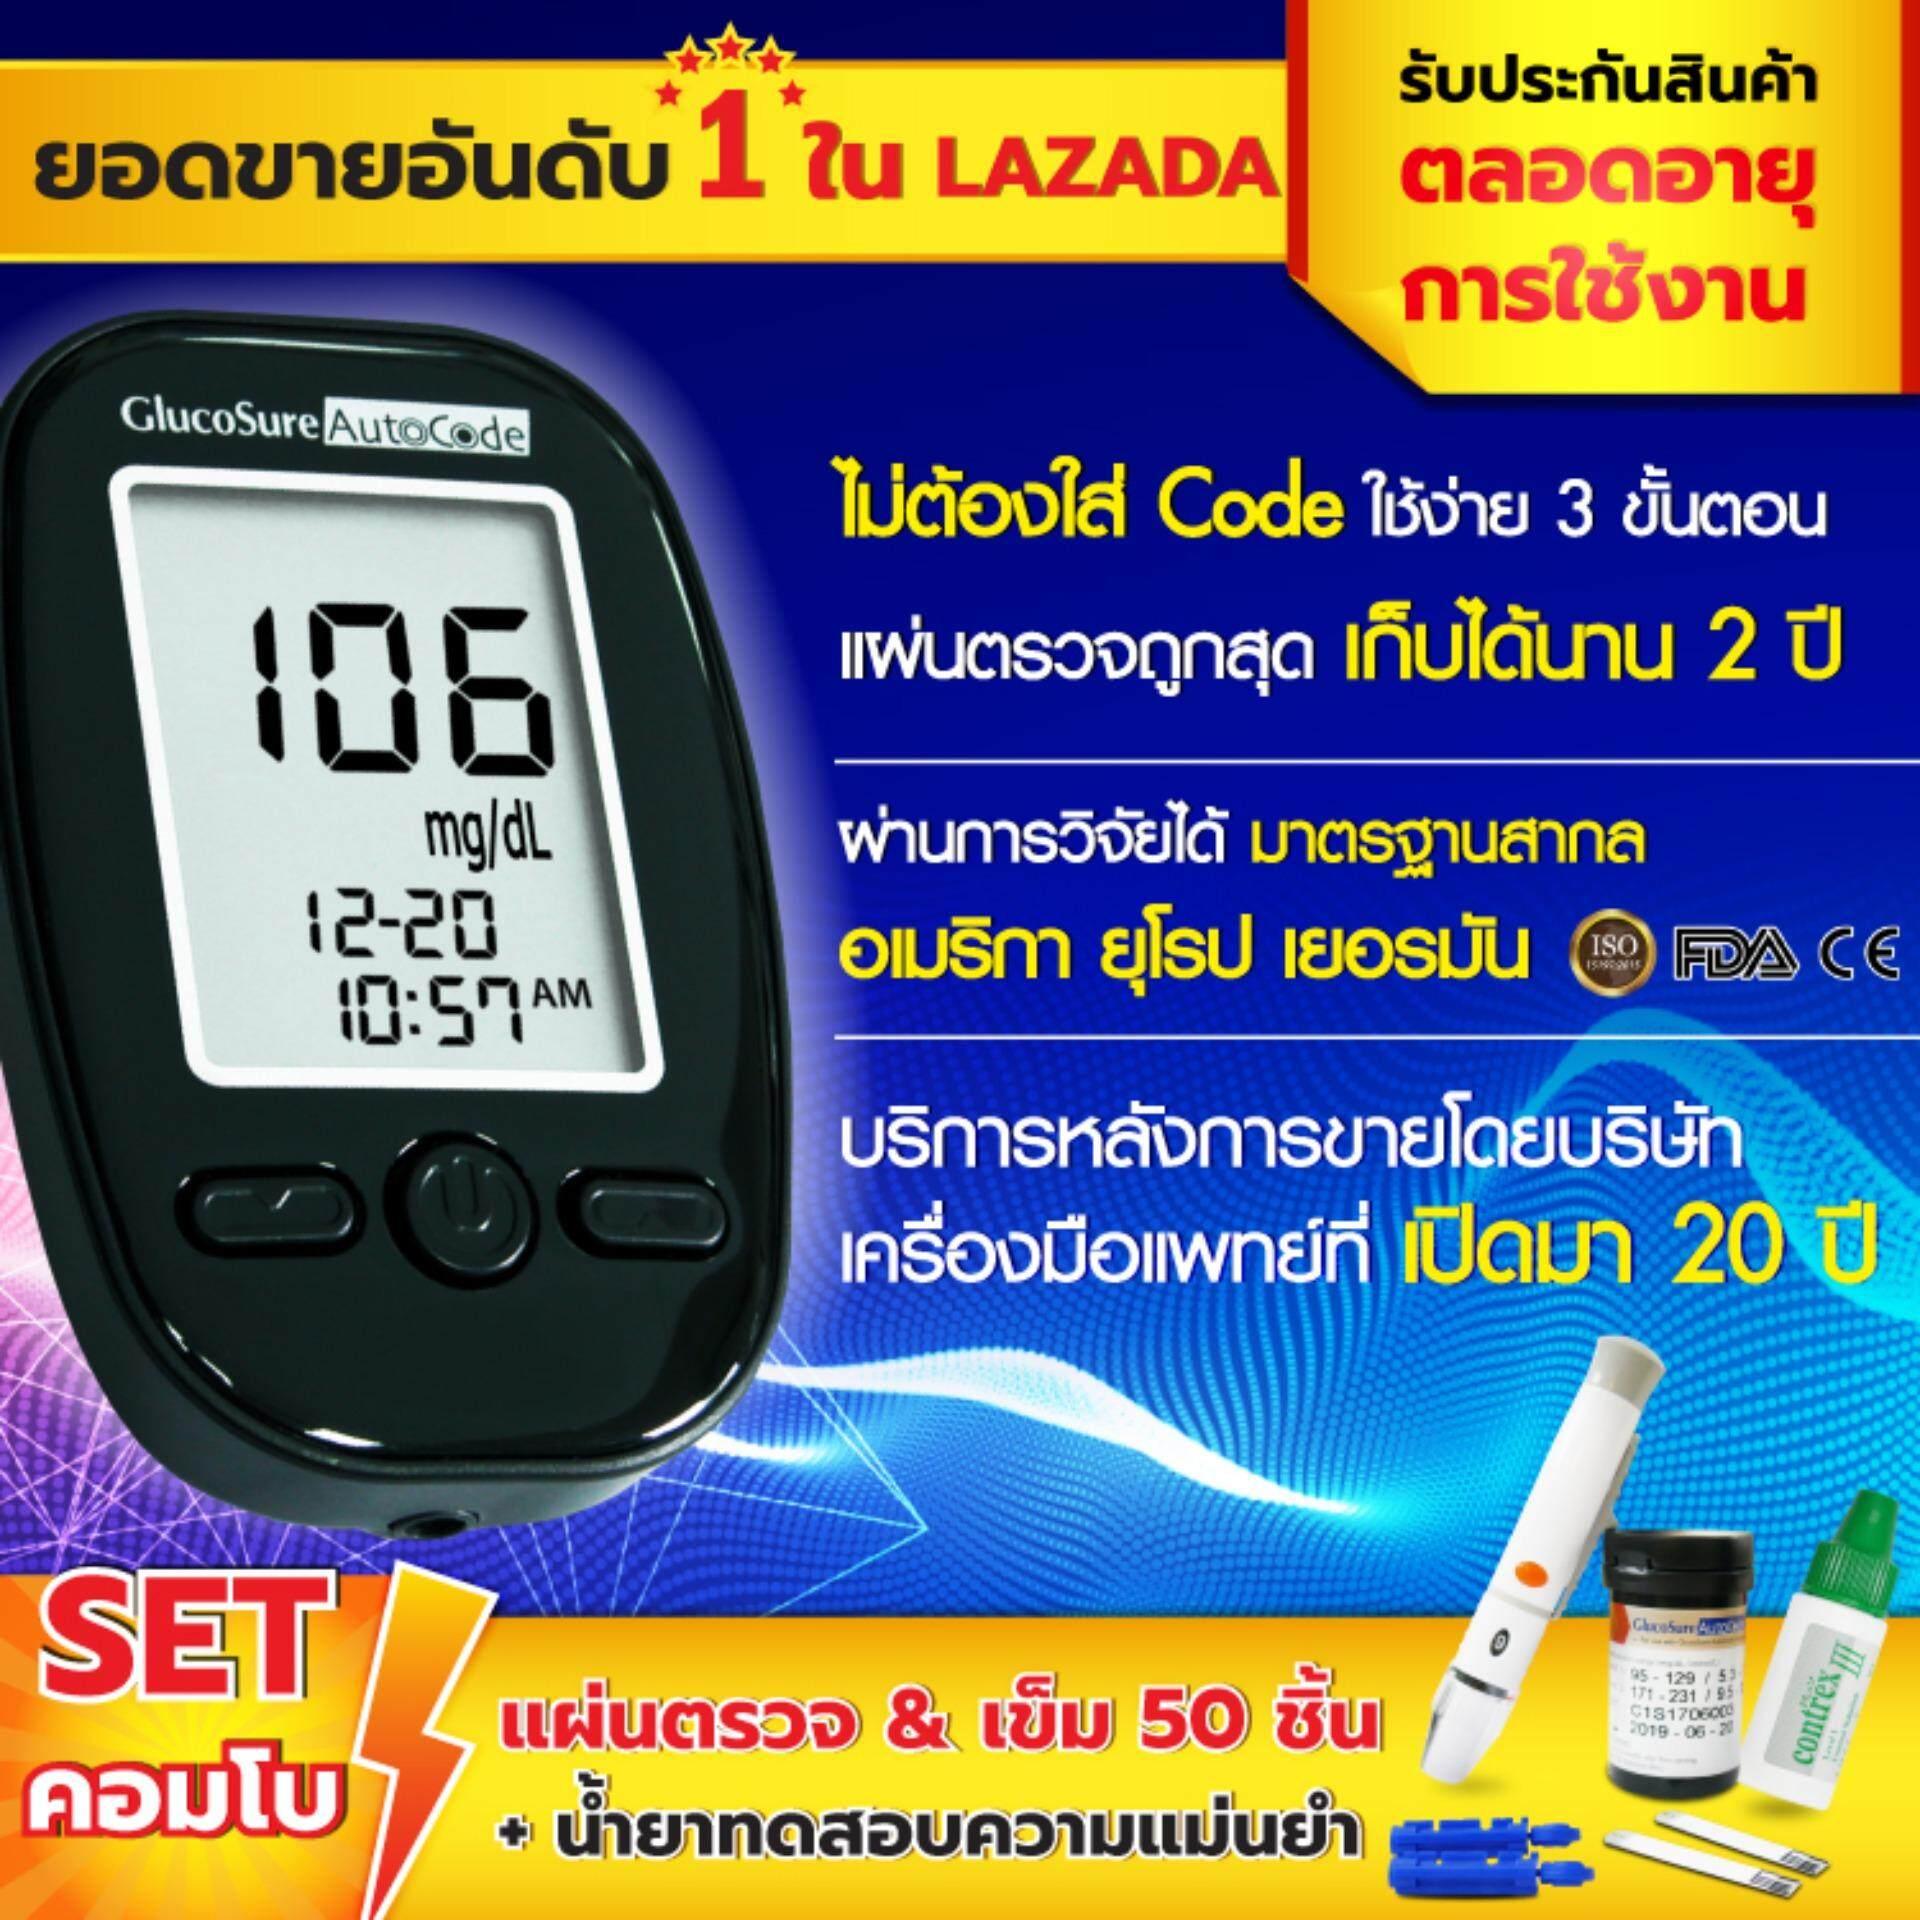 Glucosure Autocode Blood Glucose Meter เครื่องวัดน้ำตาลในเลือด เครื่องตรวจน้ำตาล เครื่องตรวจเบาหวาน (แผ่นตรวจ 50 ชิ้น และ เข็ม 50 ชิ้น) By Healthmart Online.